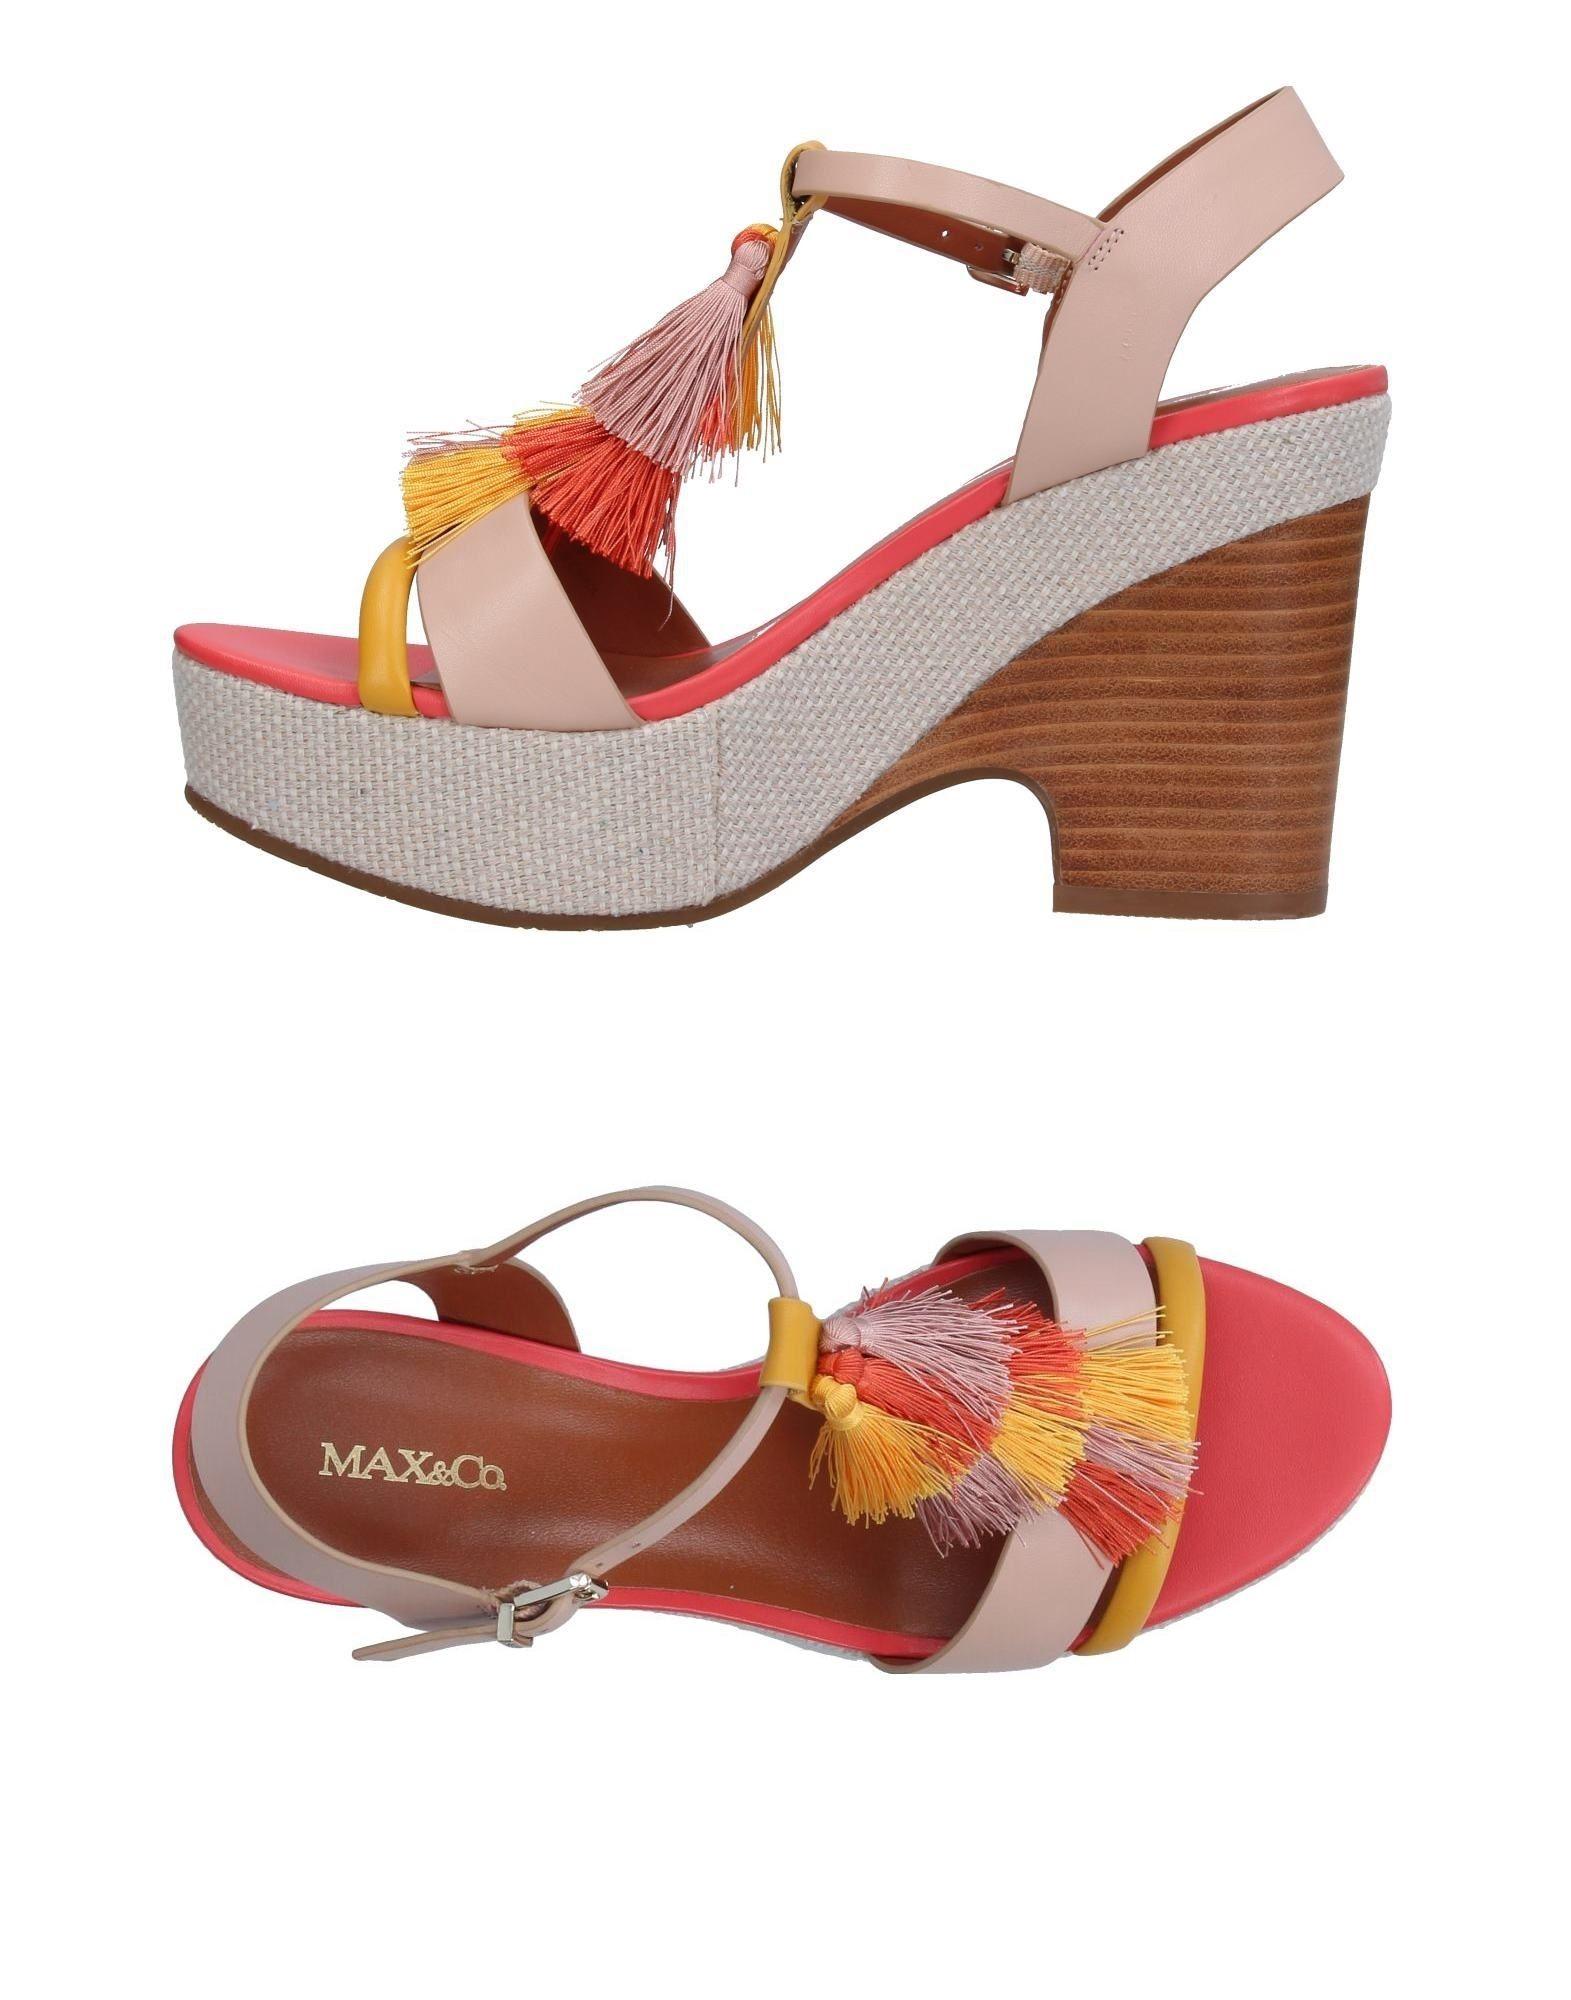 Sandali Max & Co. Donna - 11367937DA